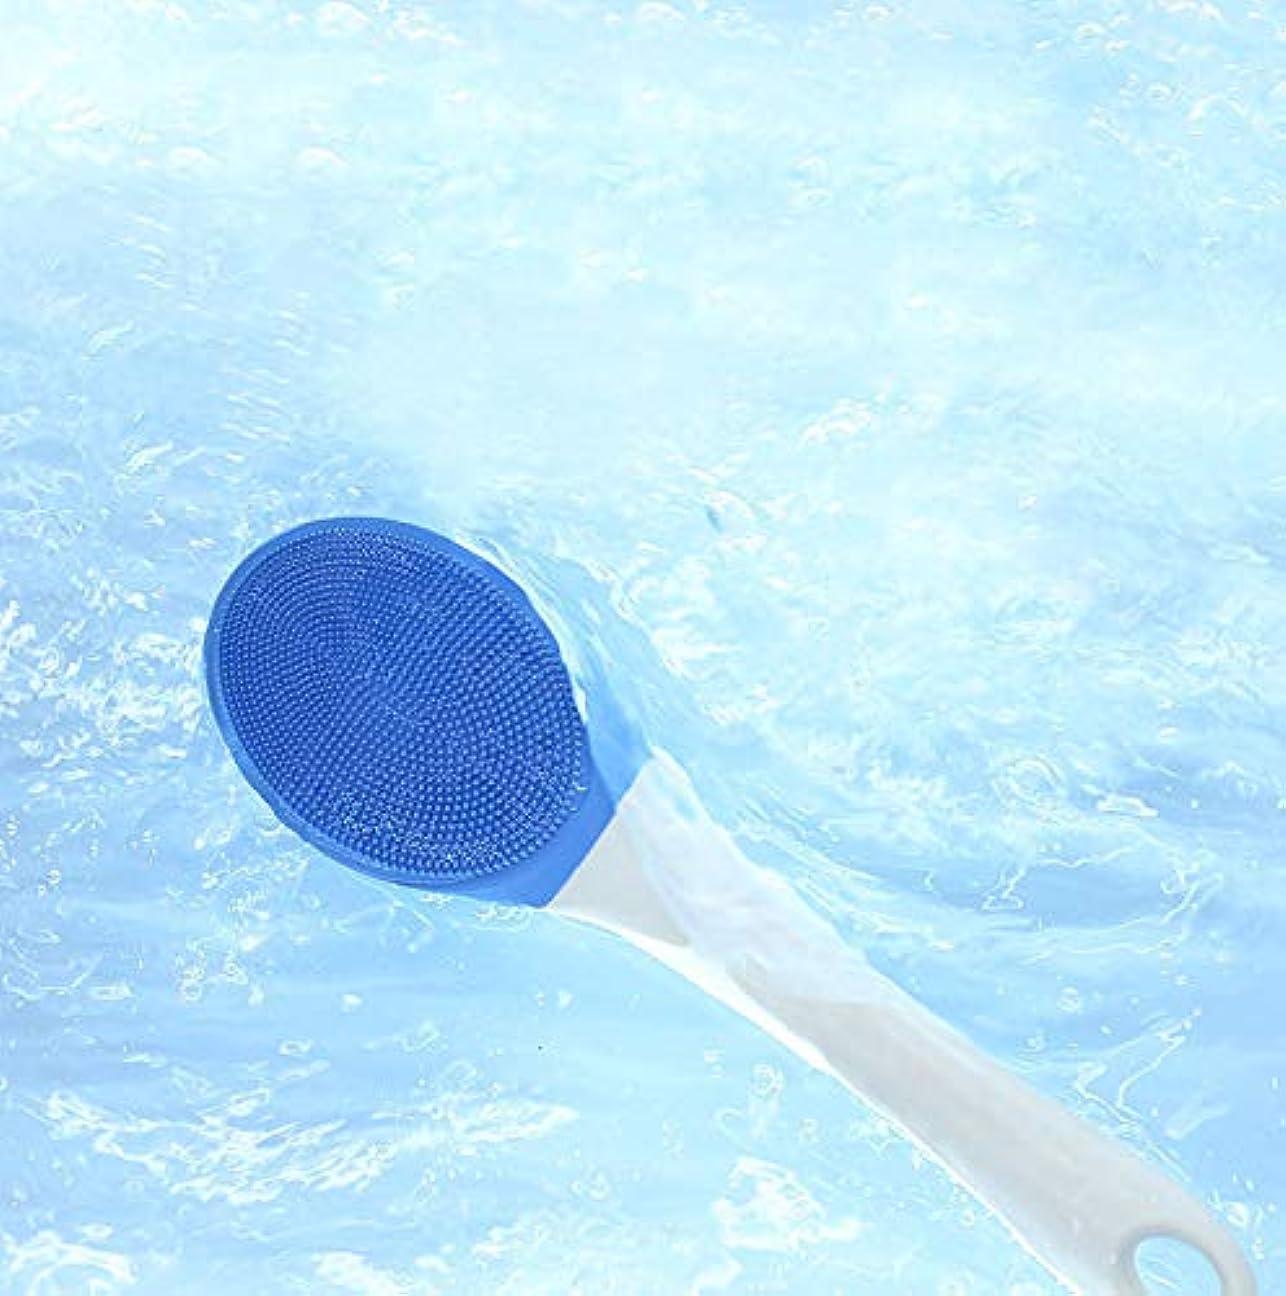 開業医フォロー入場電気バスブラシ、防水ボディ、洗顔ブラシロングハンドルソニック電動スクラバーディープクリーニング用3スピード調整可能なパルス振動,Blue